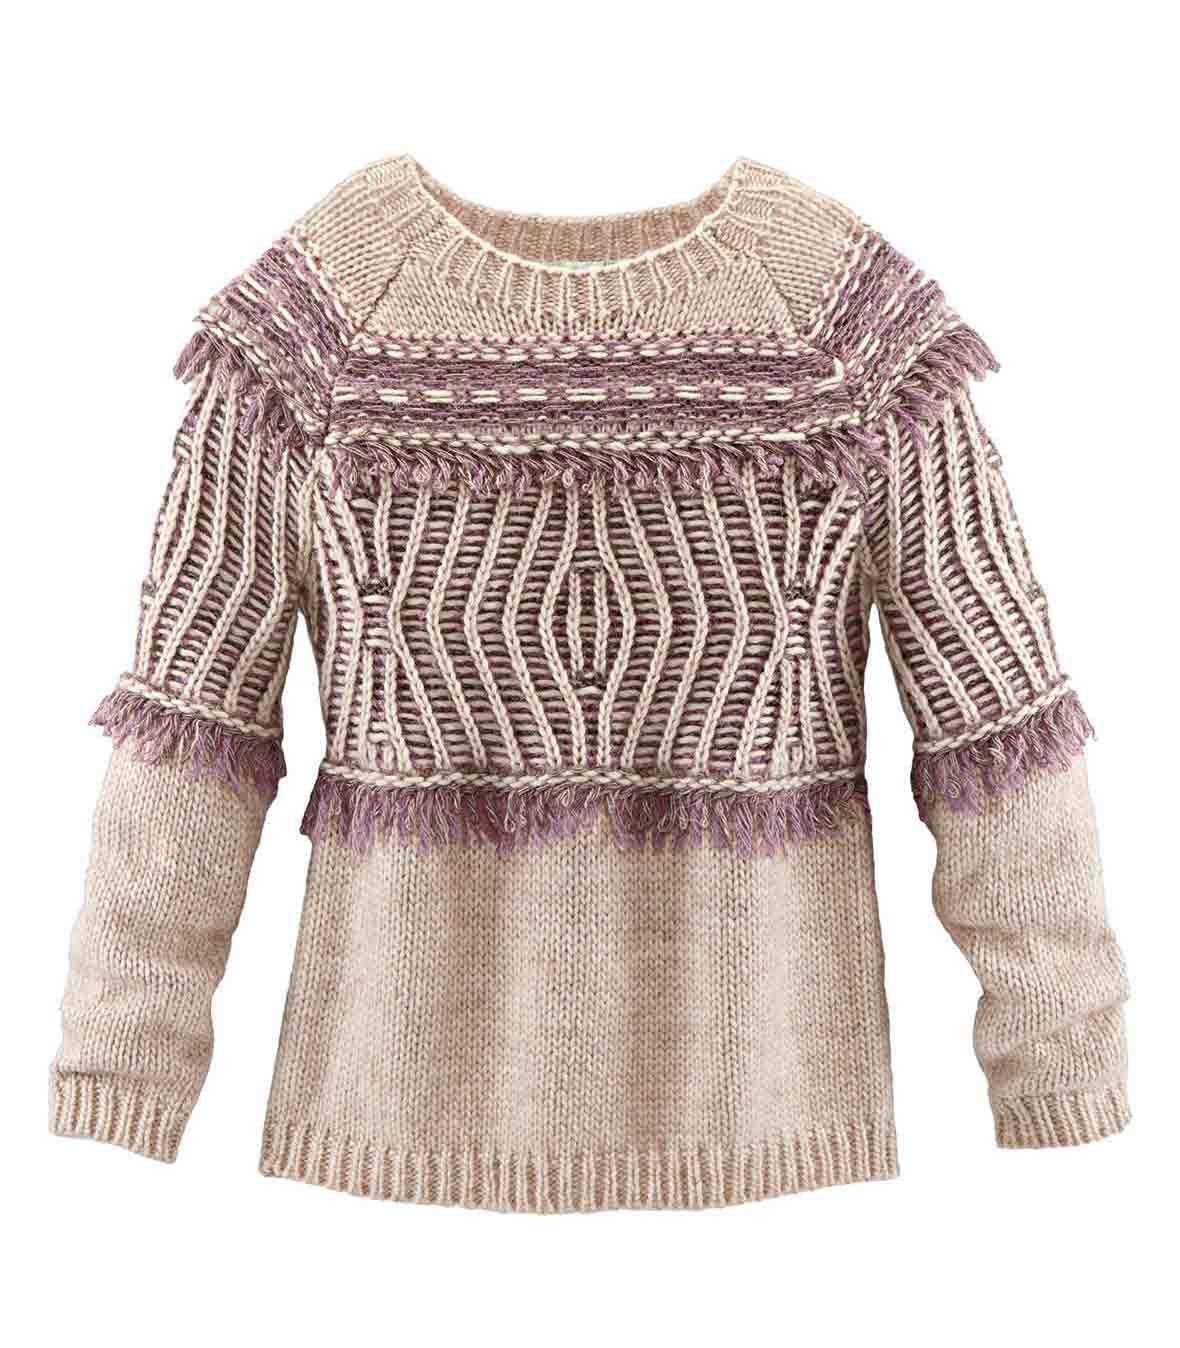 Značkový svetr MAKENA LEI, značkové oděvy levně (vel.42 skladem)